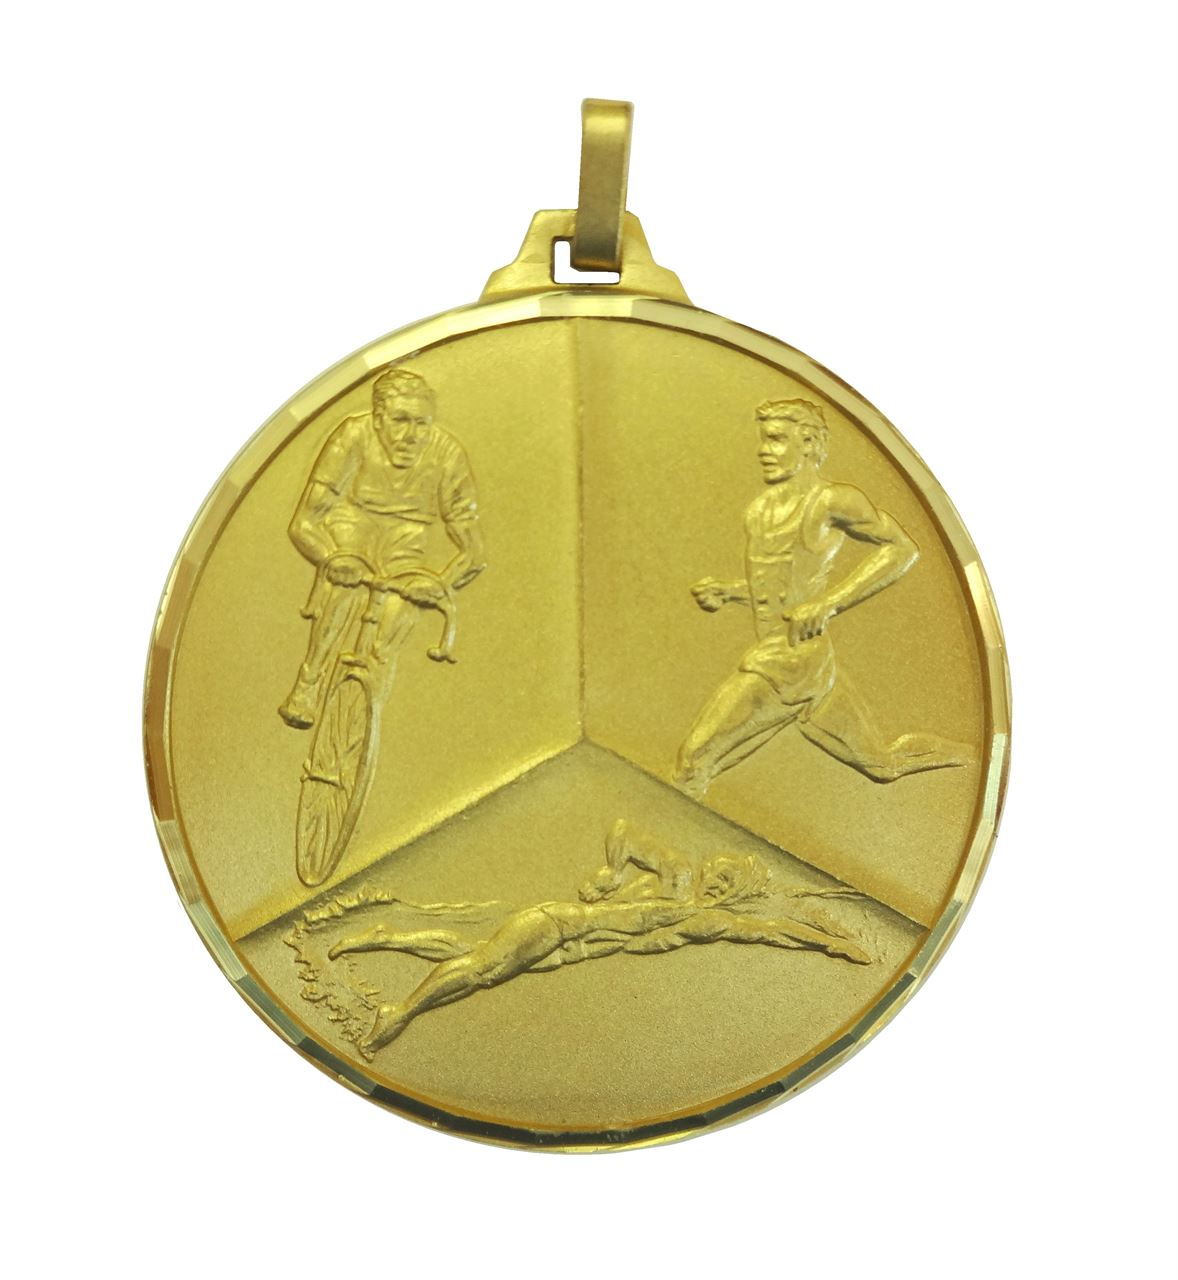 Gold Faceted Triathlon Medal (size: 52mm) - 339/52G